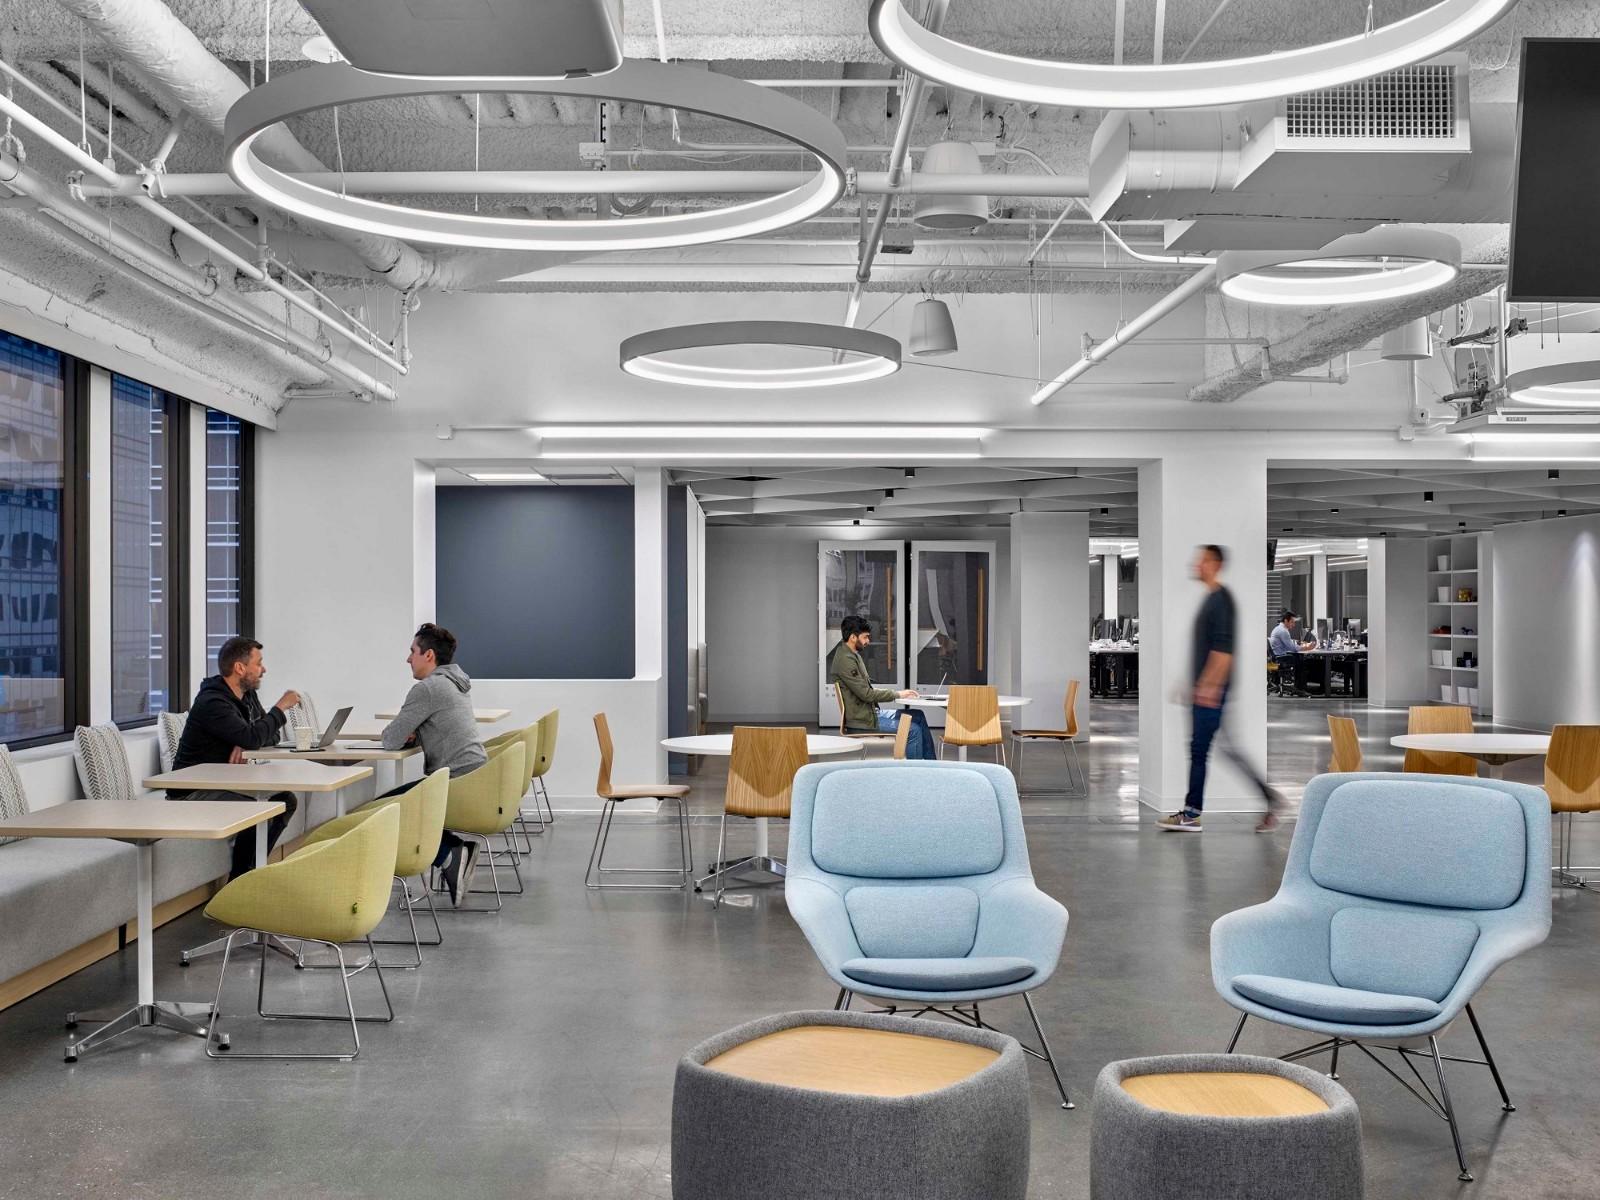 开放与优雅,旧金山Mapbox办公空间 | Revel Architecture & Design插图6